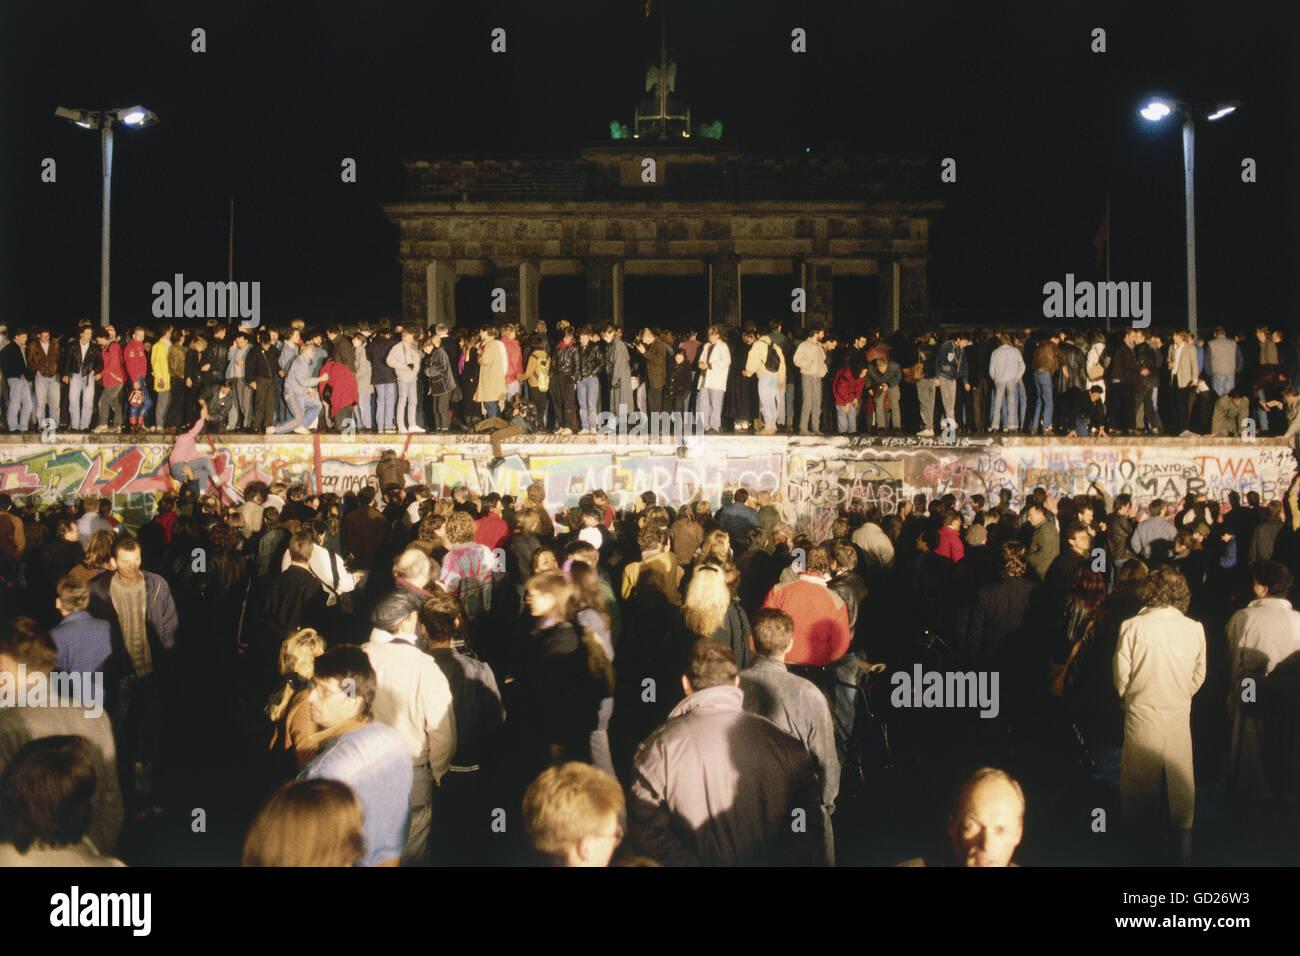 Géographie / billet, l'Allemagne, la réunification de l'Allemagne, chute du Mur de Berlin, 09.11.1989, Photo Stock